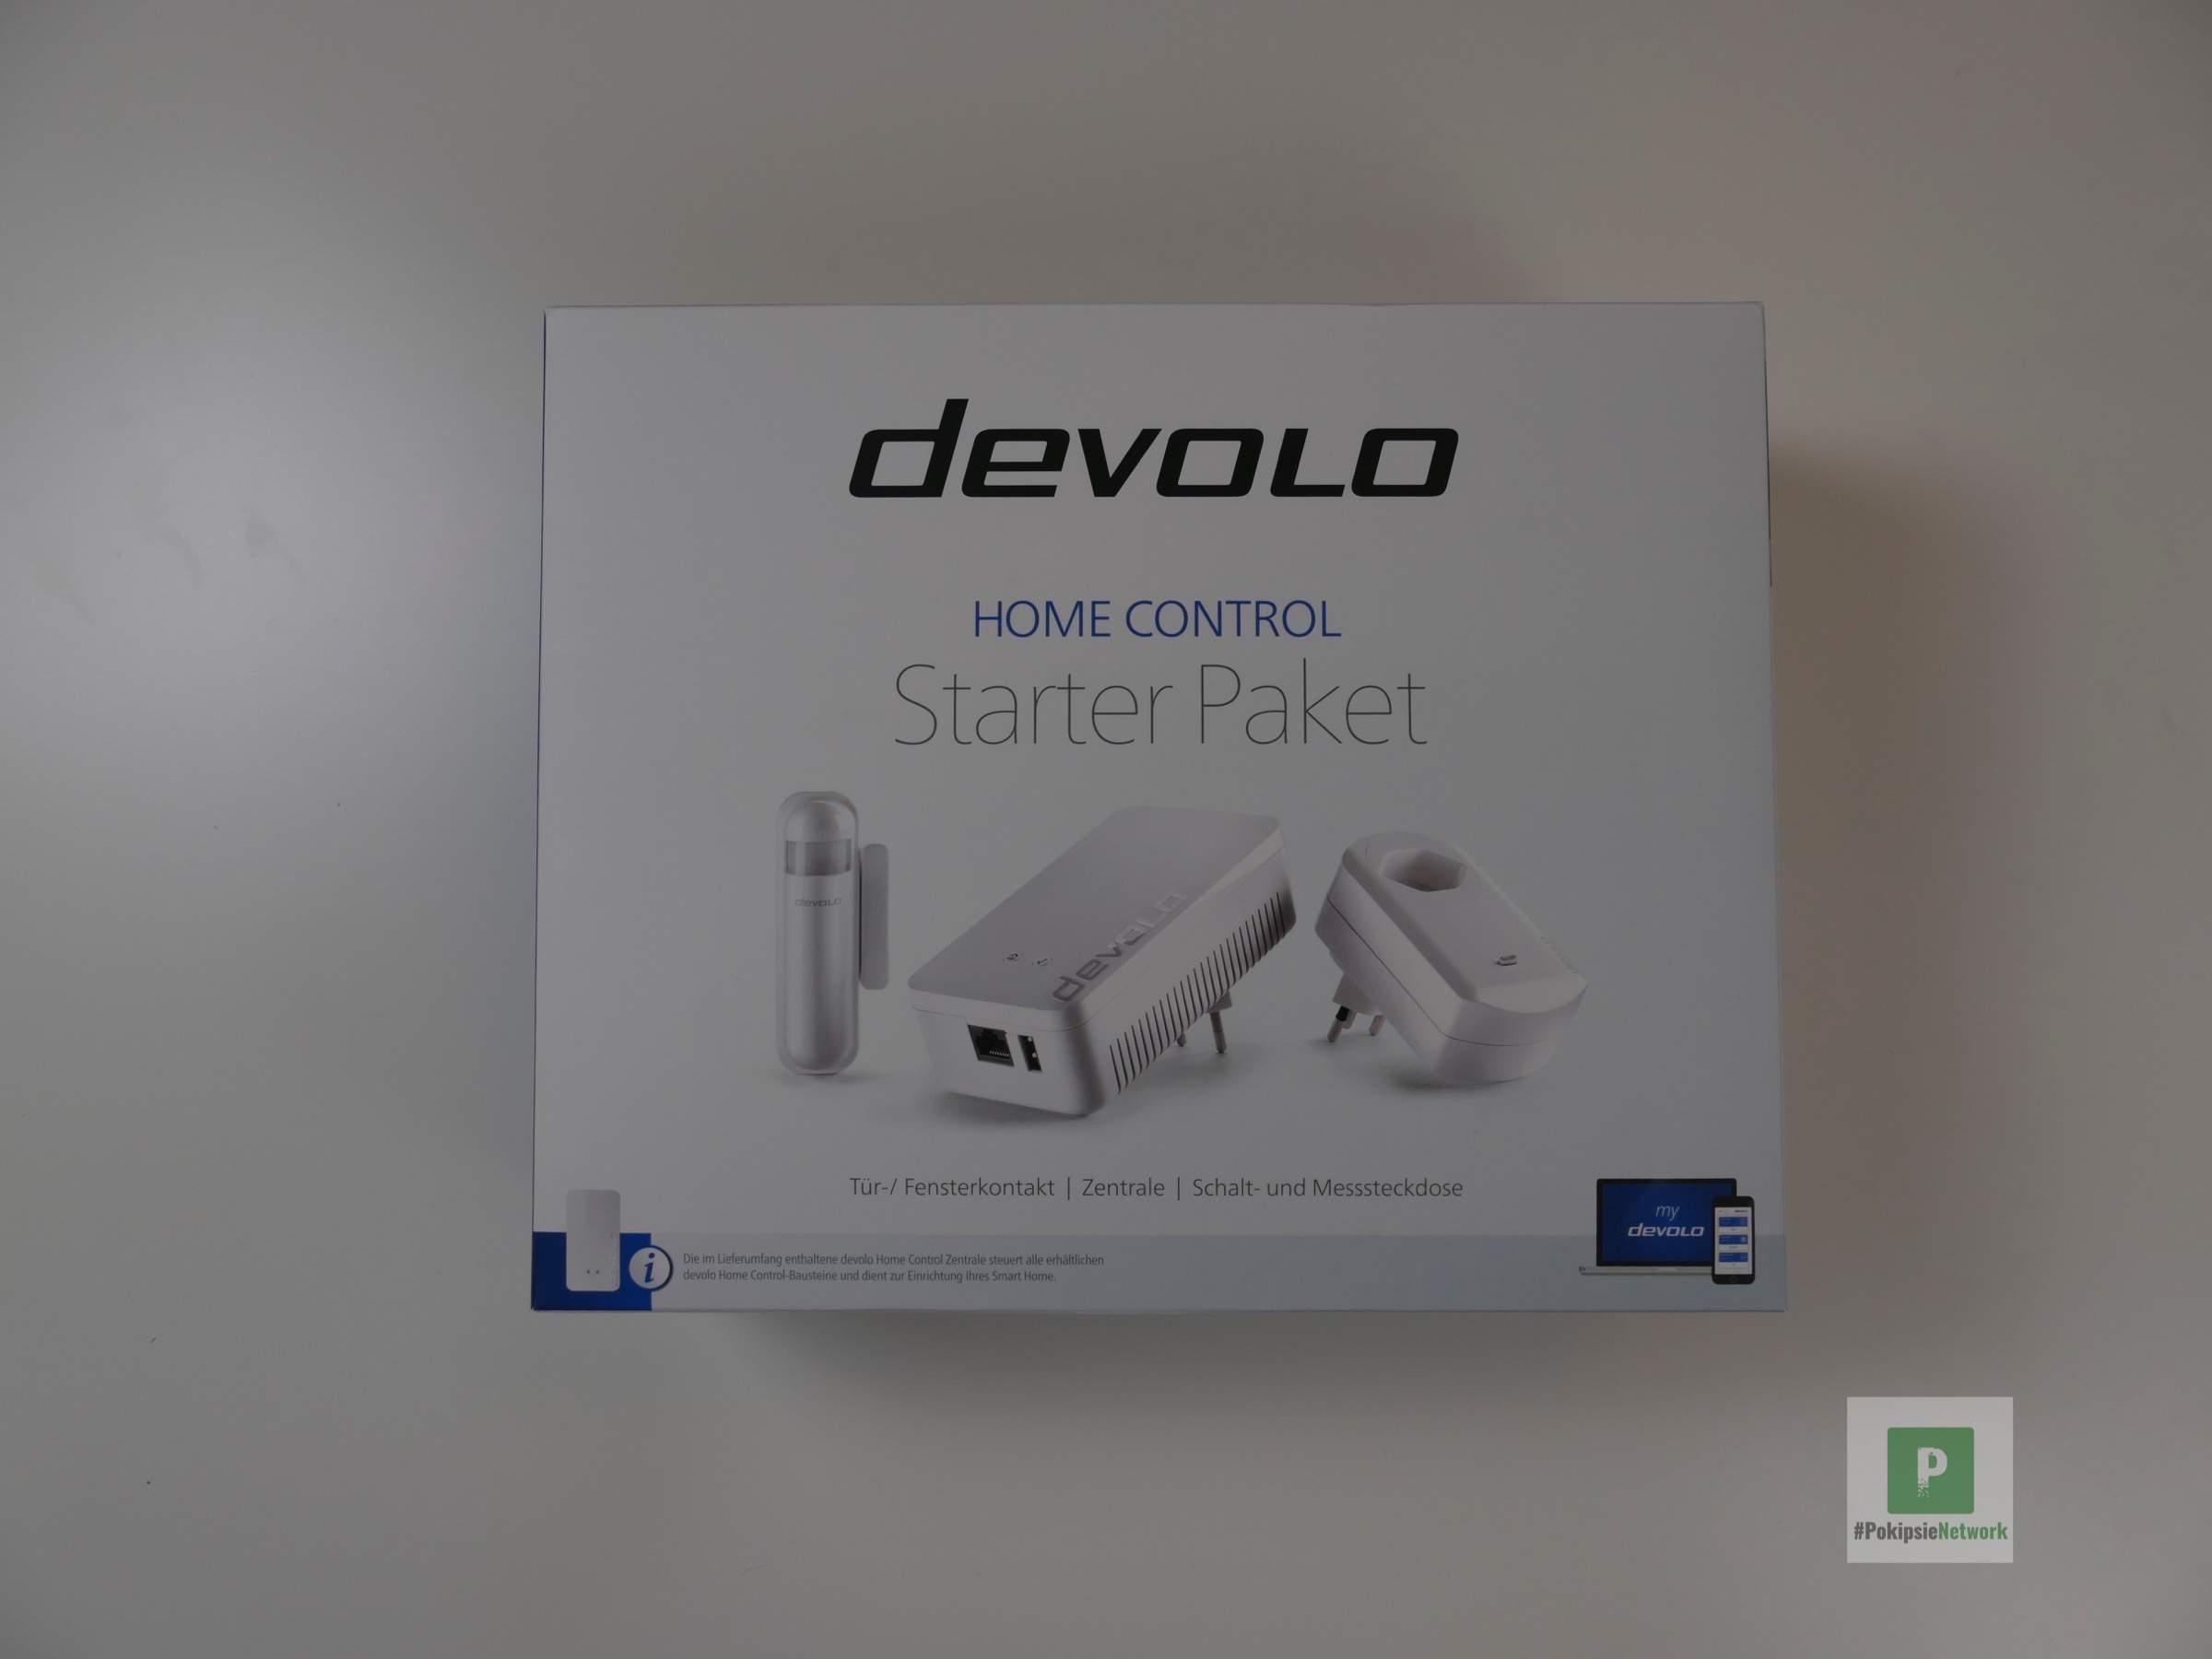 Devolo Home Control - Starter Paket